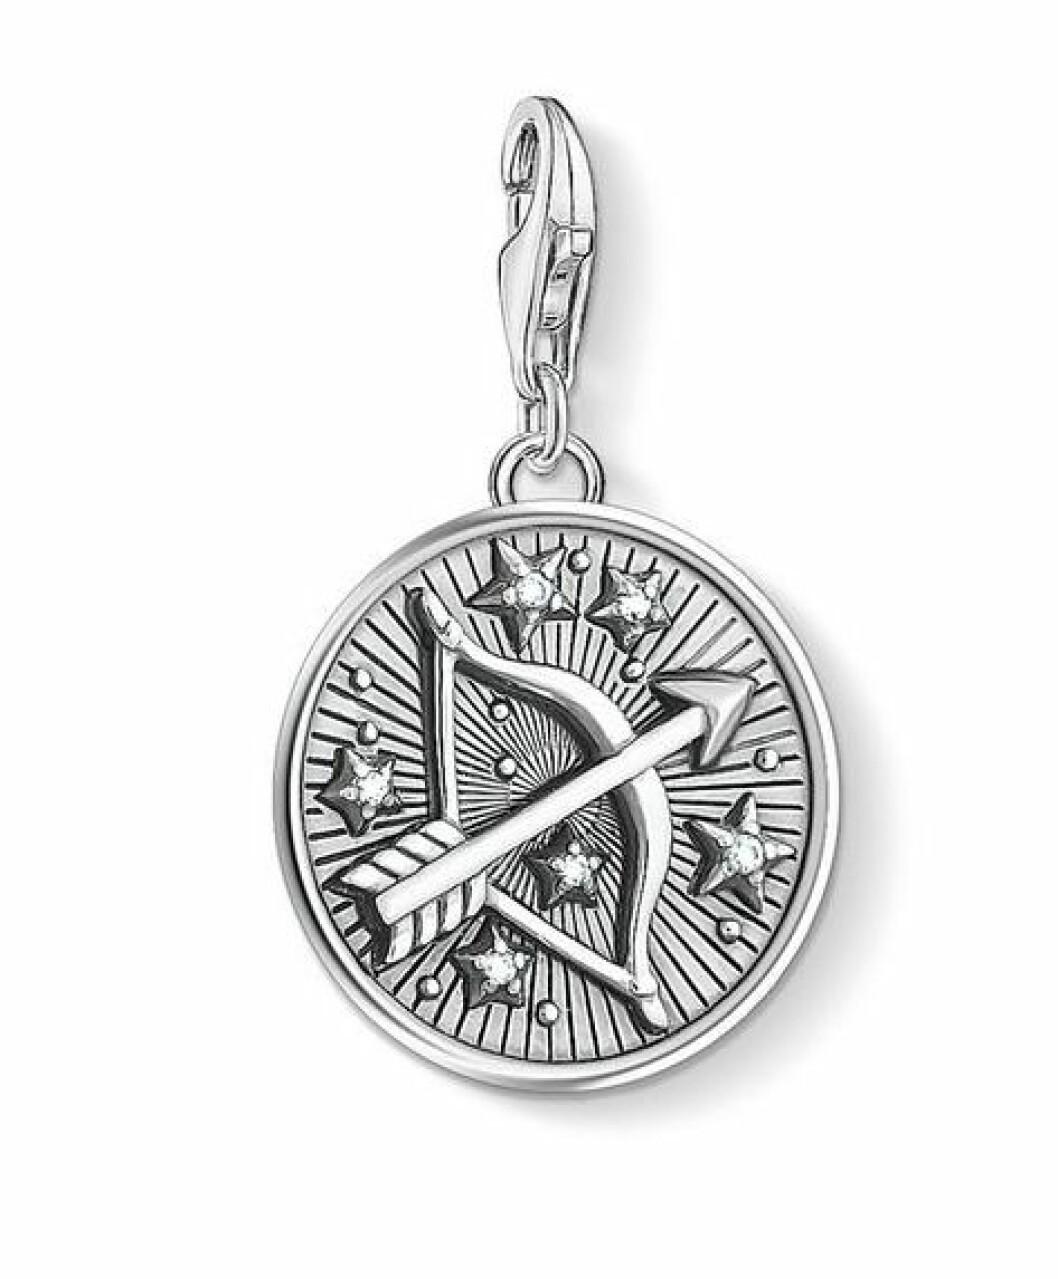 Smycke med stjärntecken skytten